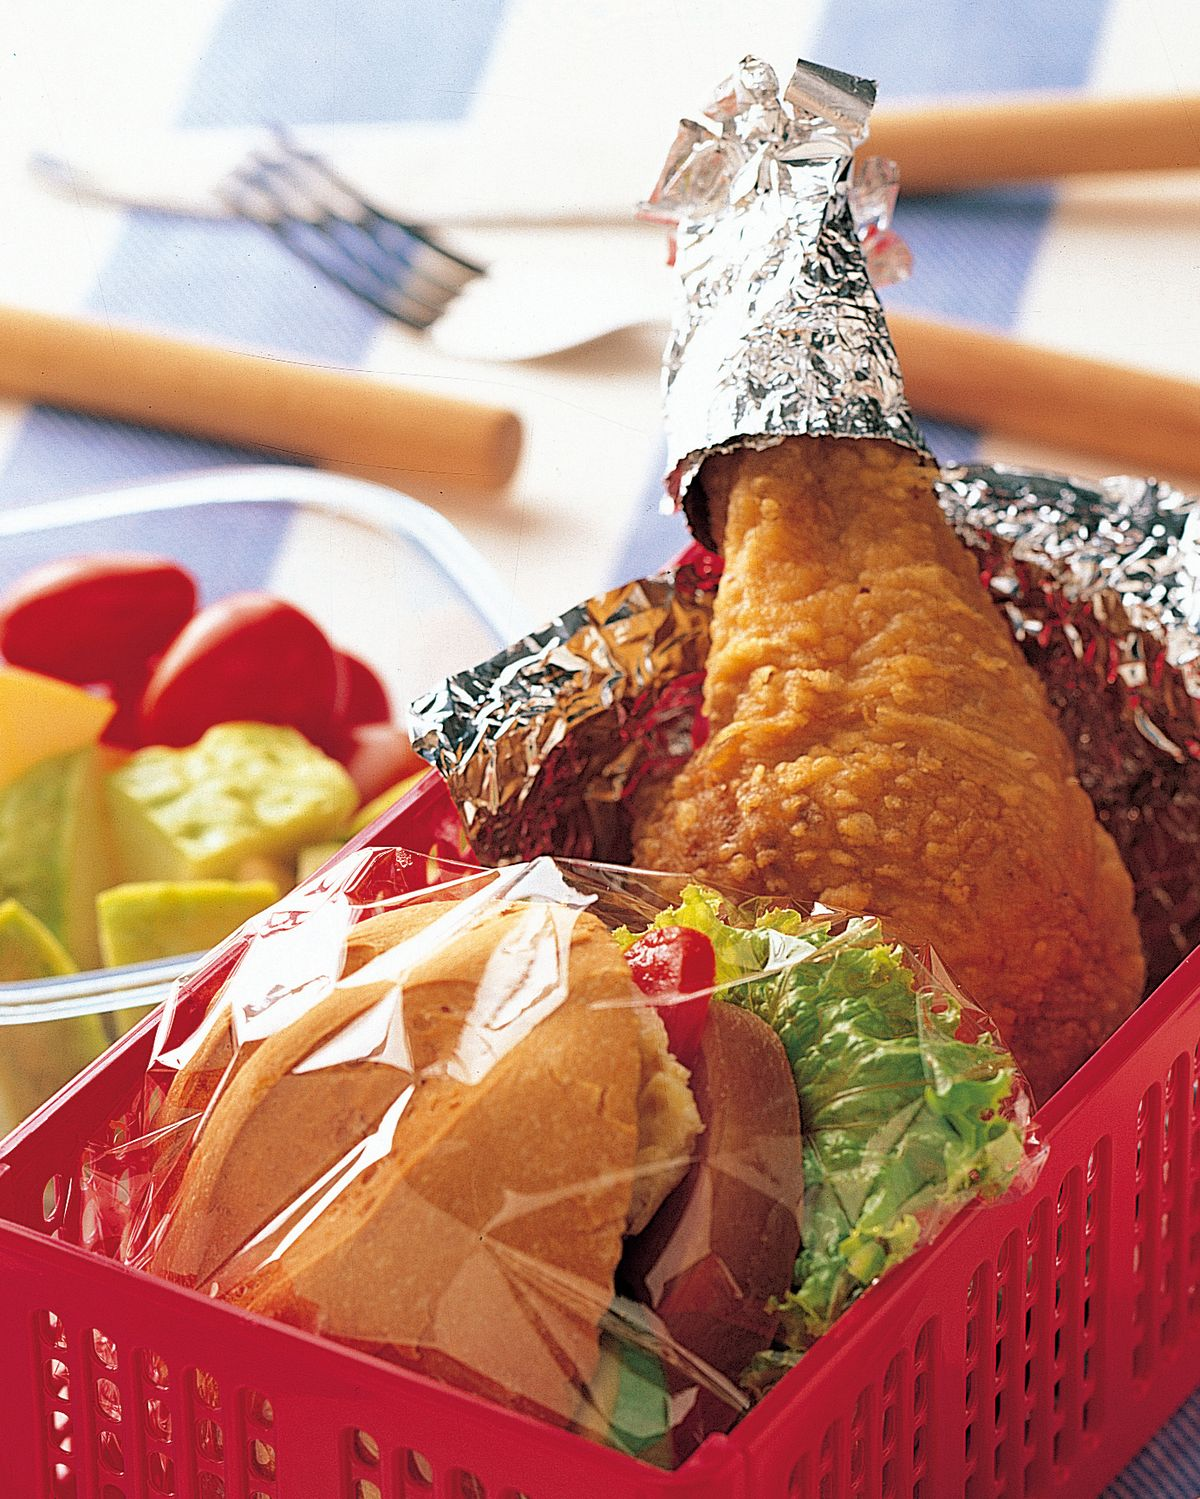 食譜:雞腿野餐盒